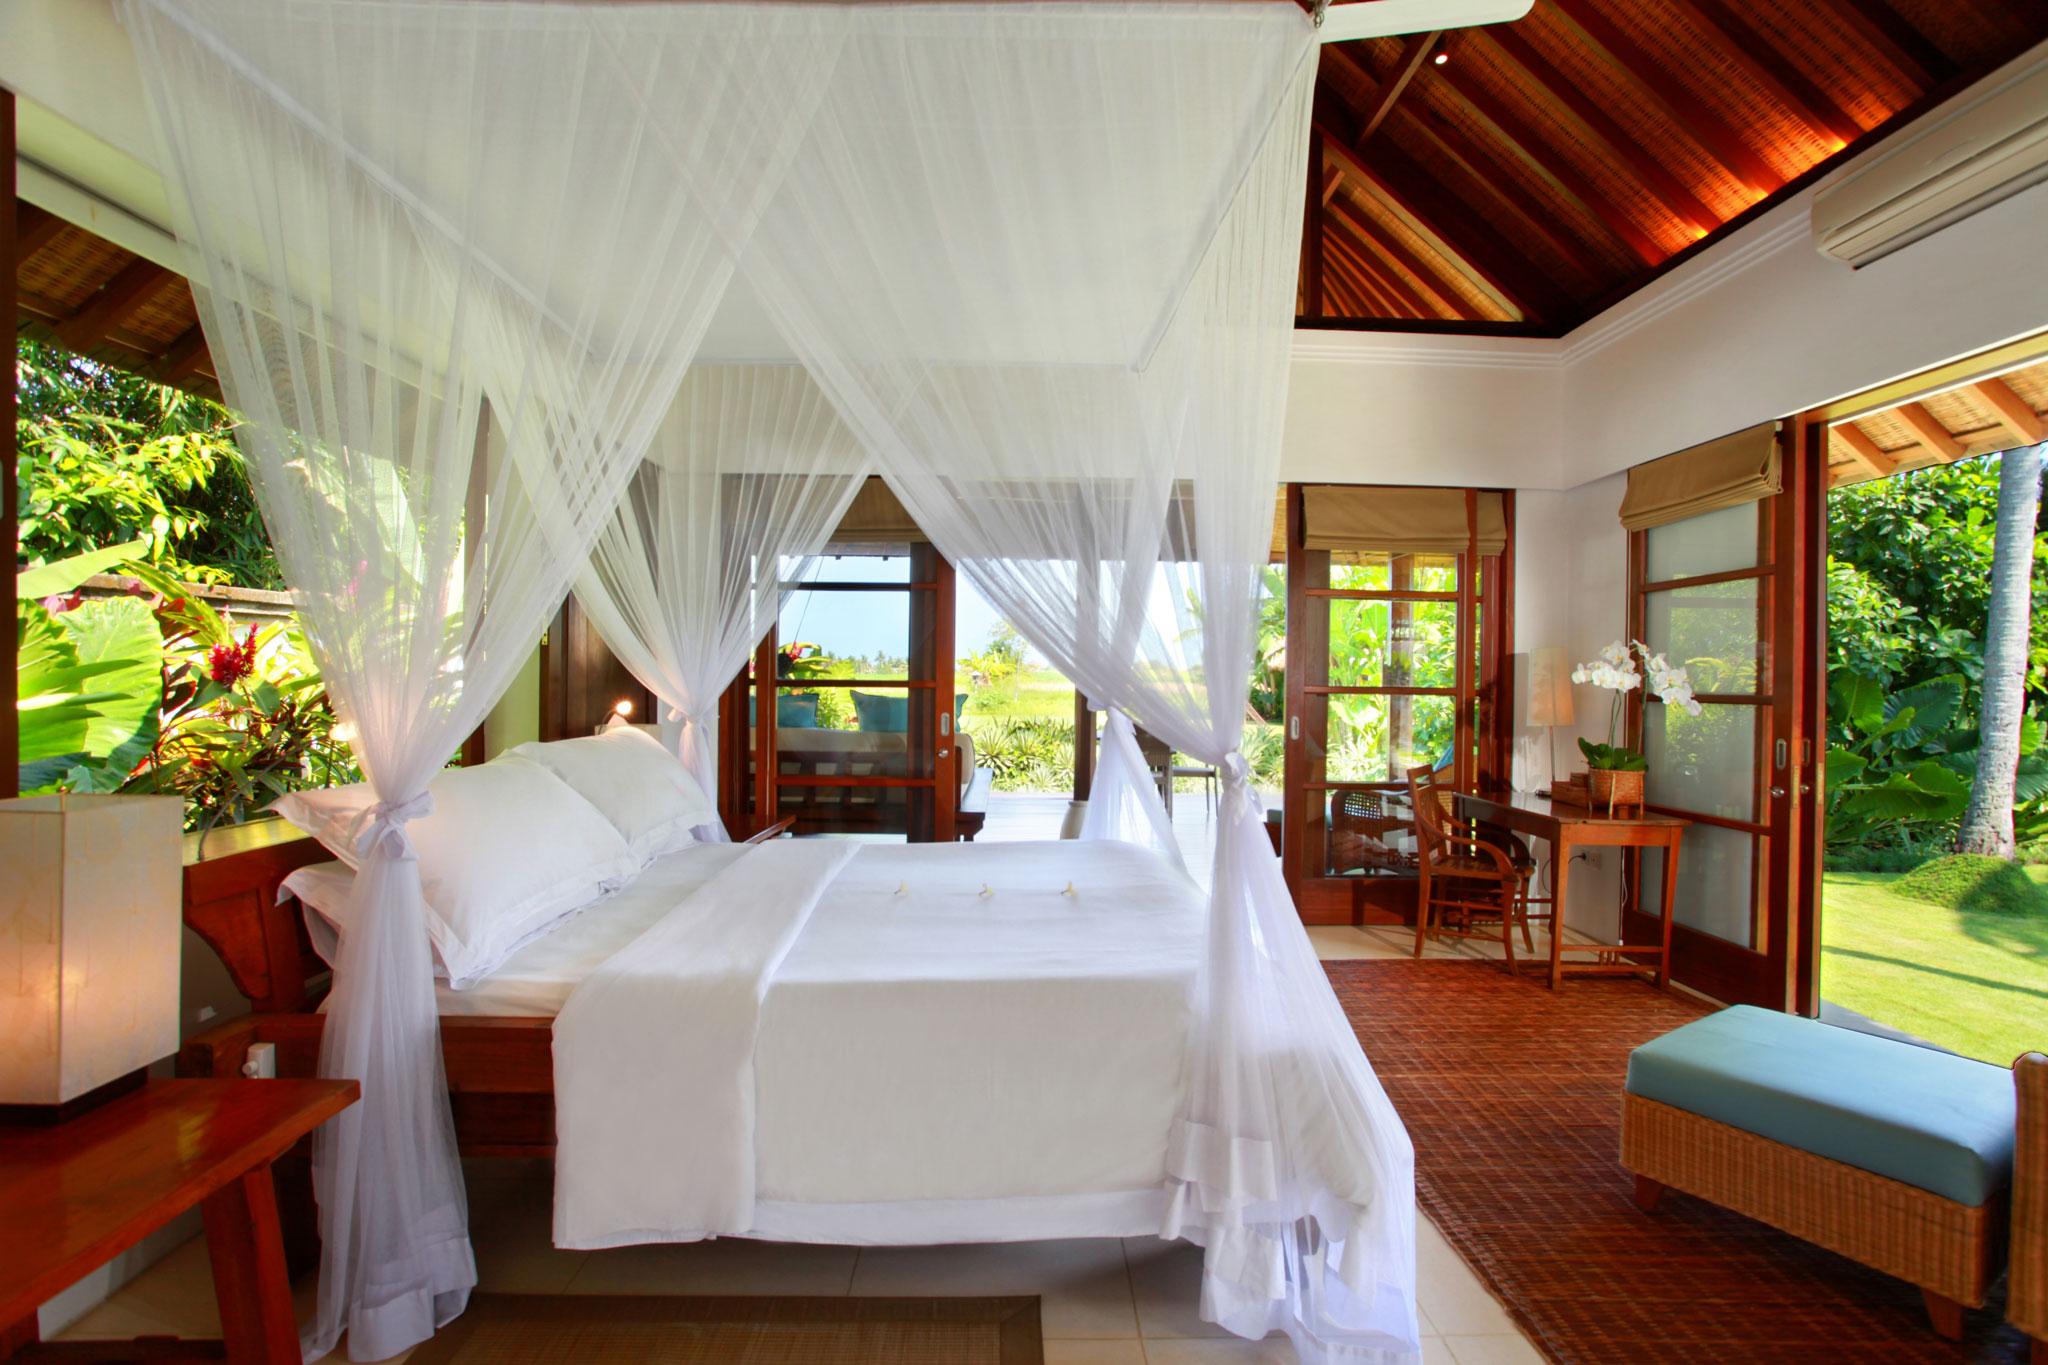 villa-kemah-tinggi-sawah-bedroom-6937